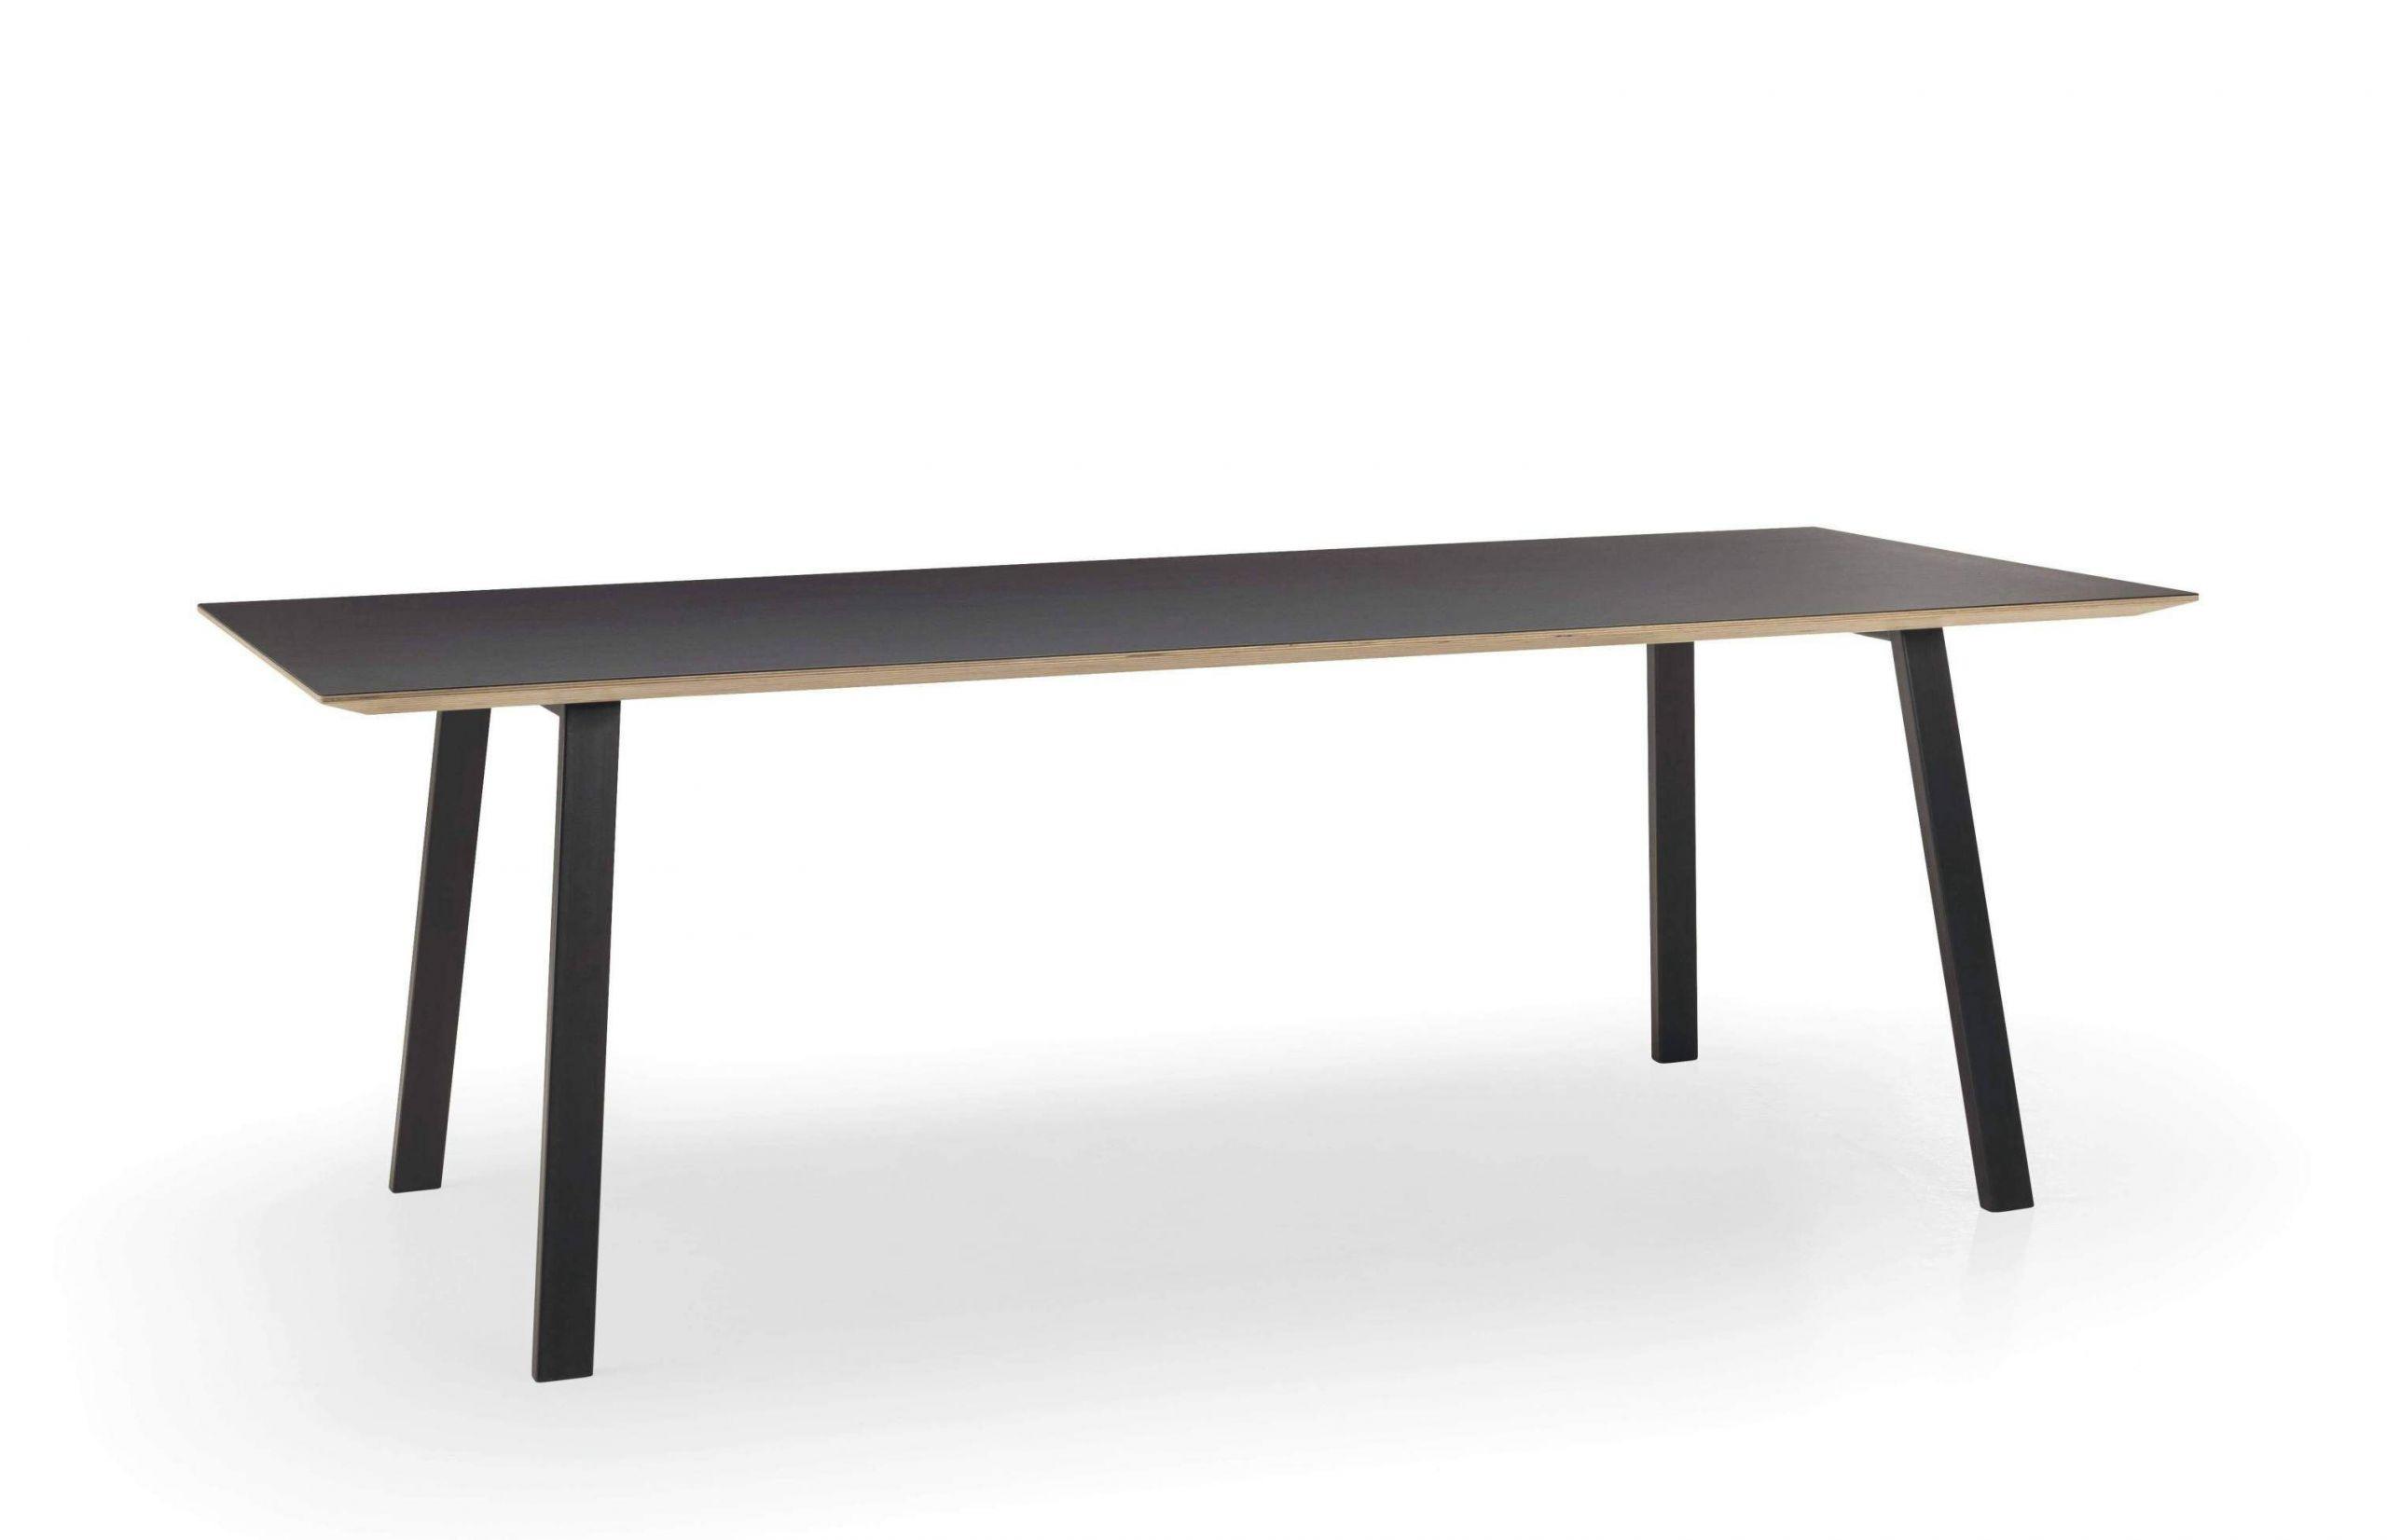 Full Size of 32 Schn Ikea Wohnzimmer Tisch Inspirierend Frisch Sofa Mit Schlaffunktion Küche Kaufen Betten 160x200 Modulküche Bei Kosten Miniküche Wohnzimmer Gartentisch Ikea